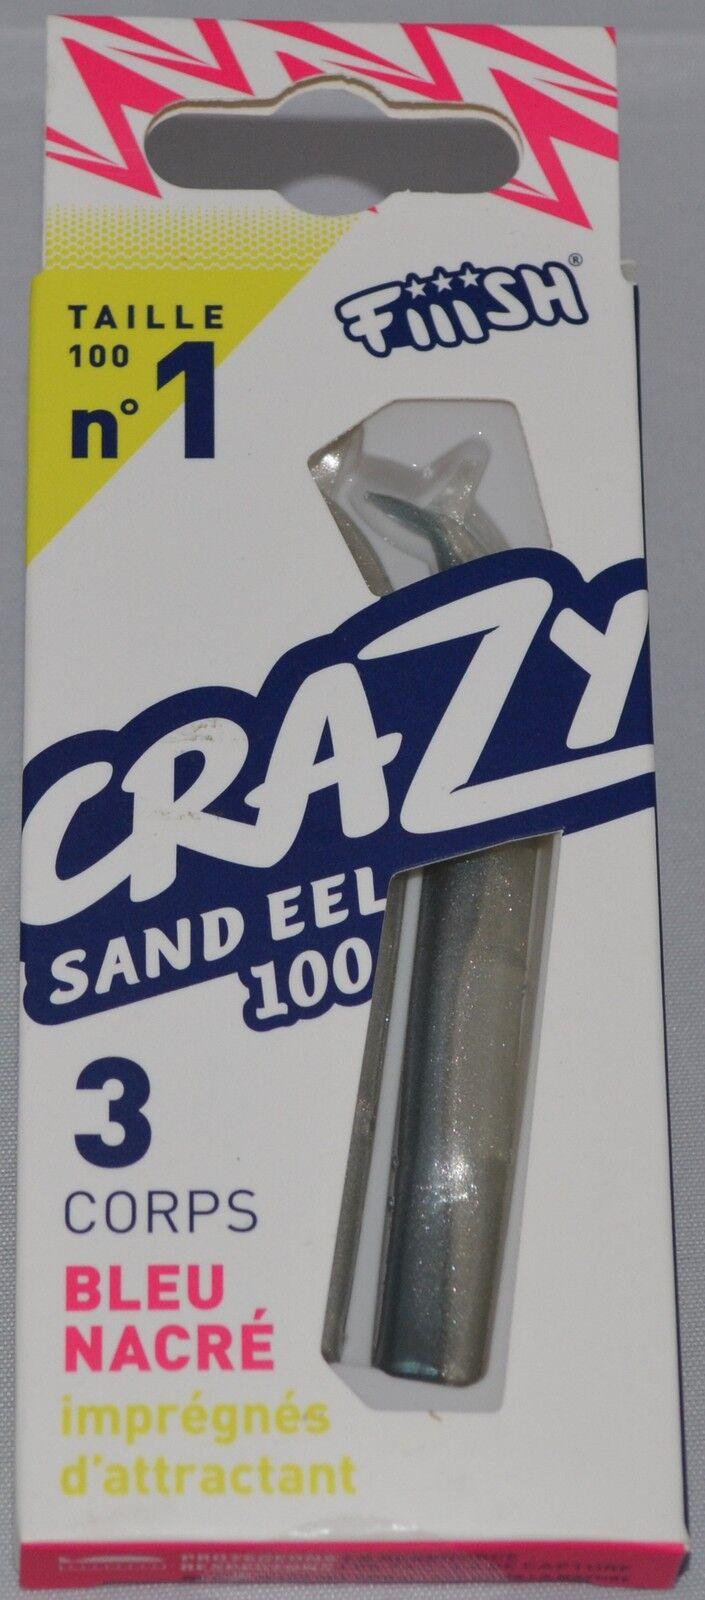 FIIISH Crazy lançons organes-le 100mm-Combo-toutes les têtes de jig-tous les organes-le lançons jour même poste a31e63